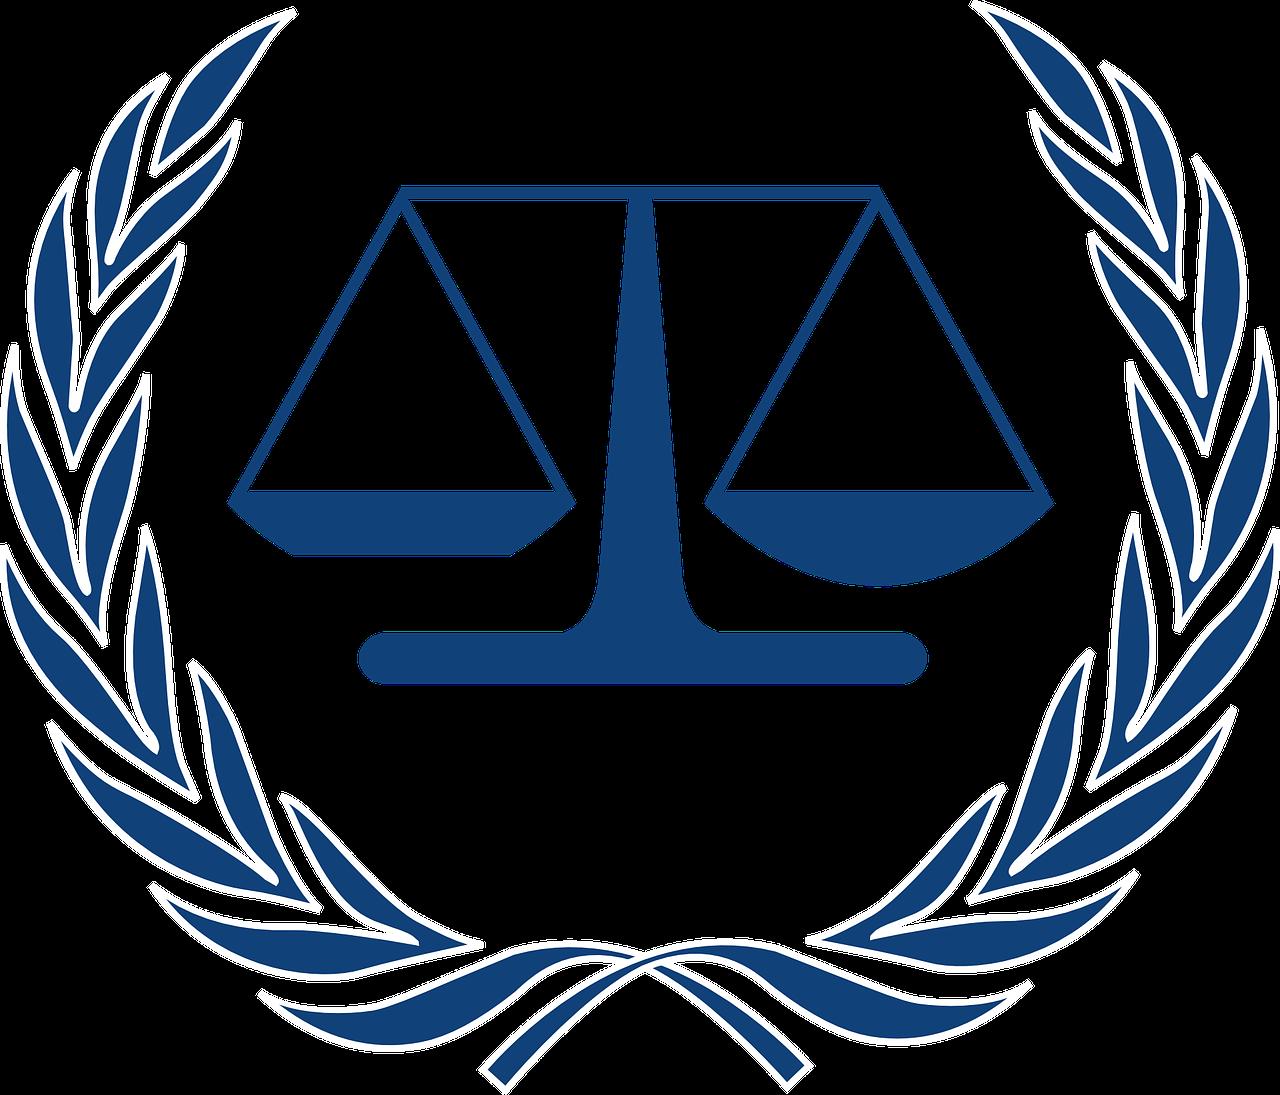 Отмена заочного решения суда по гражданскому делу: образец 2020 г.